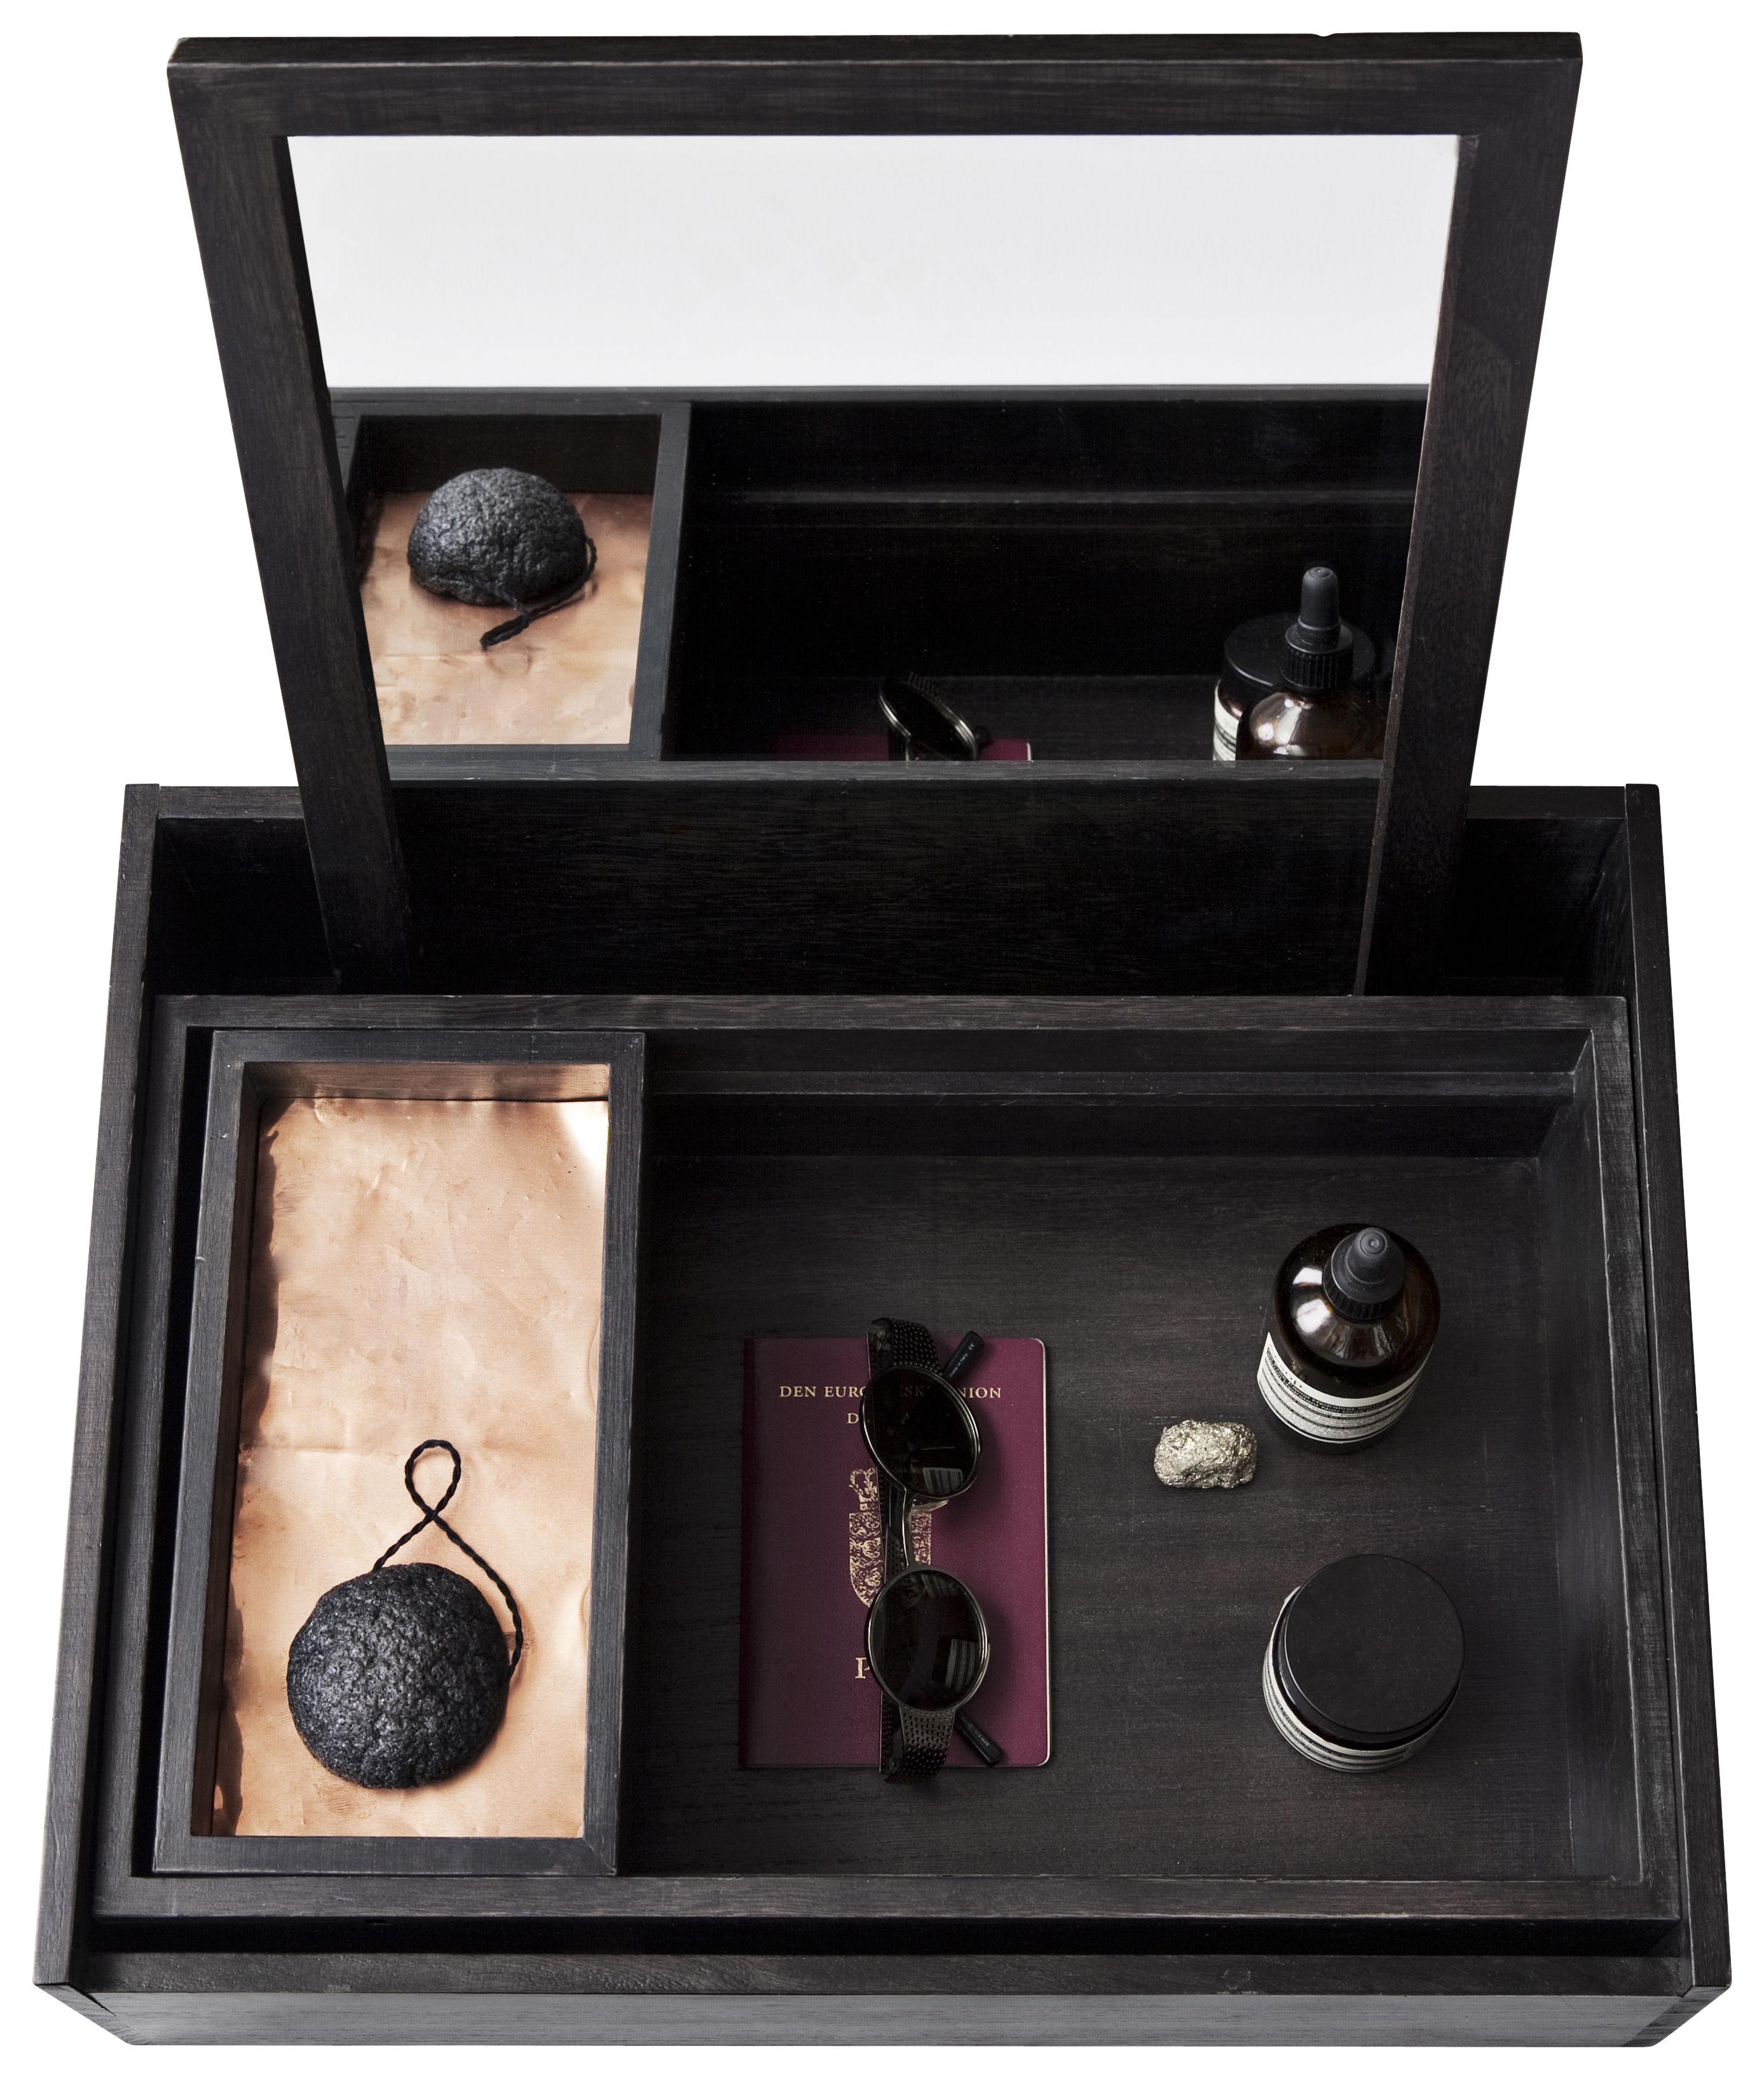 Accessoires - Accessoires salle de bains - Boîte à bijoux Balsabox Personal / Coiffeuse - 42 x 32 cm - Nomess - Noir - Bois de balsa